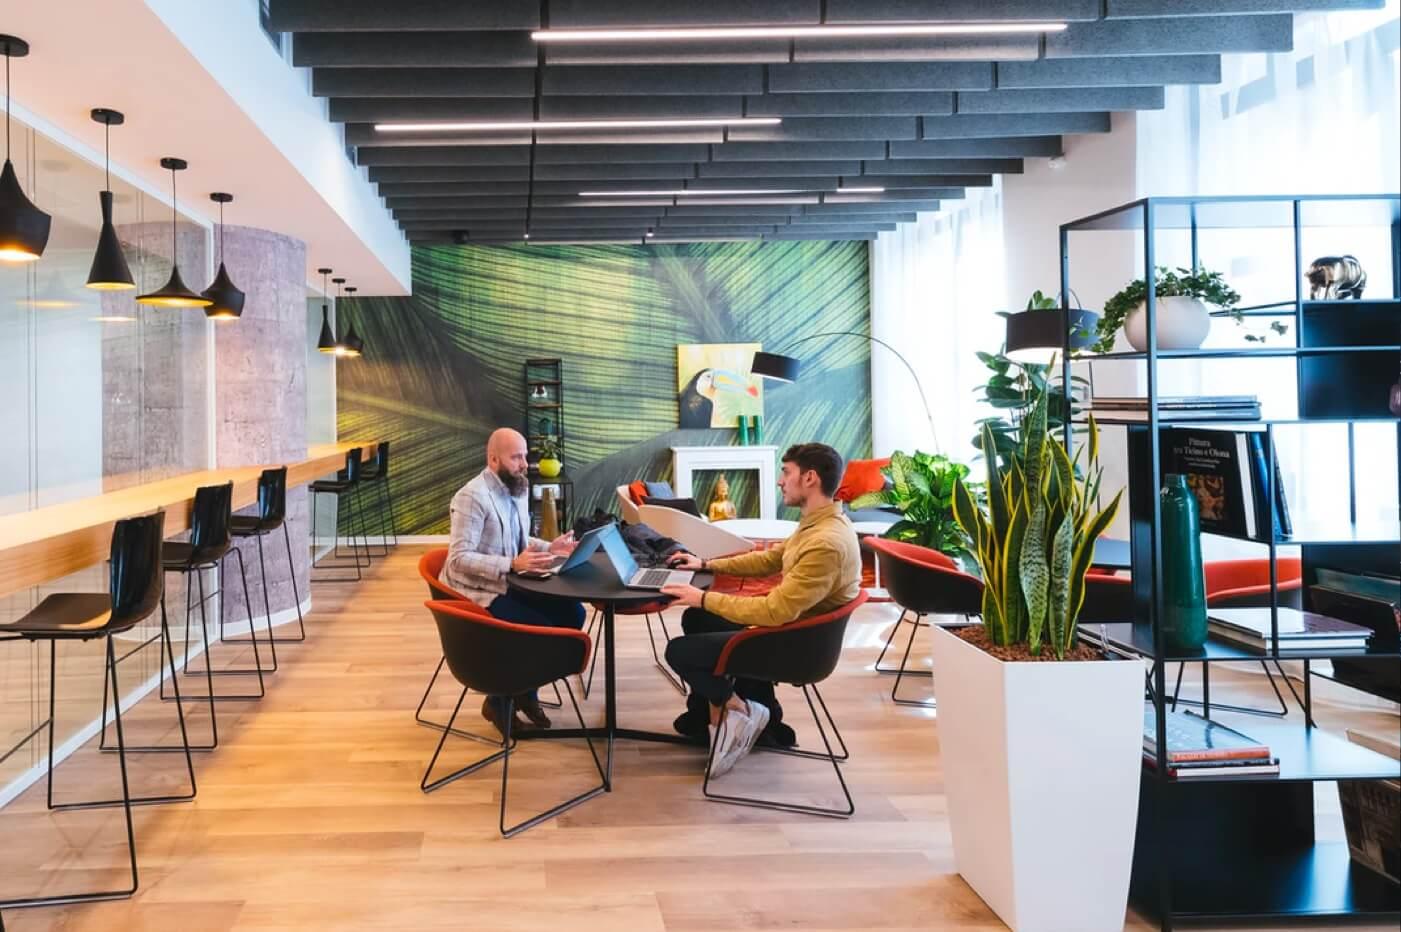 Aufnahme einer offenen modernen Bürofläche mit zwei Personen an einem Tisch.